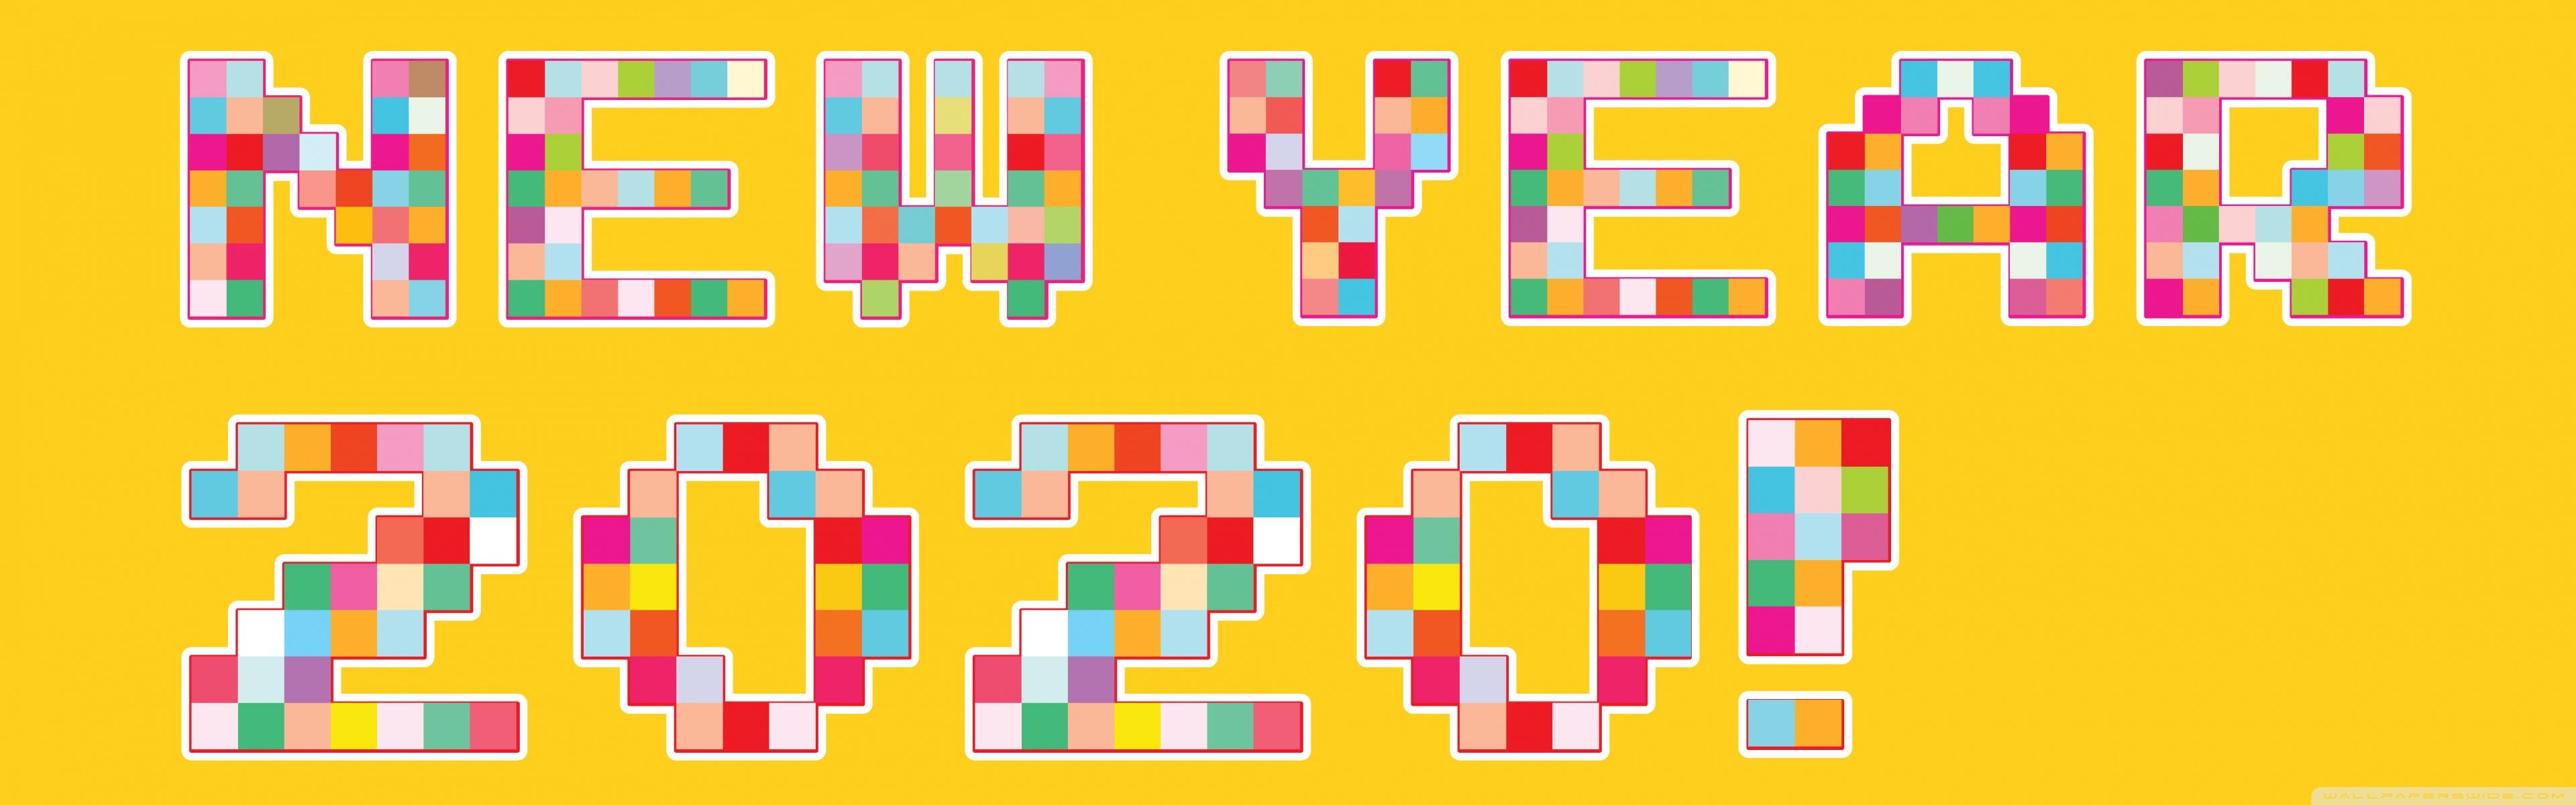 Happy New Year 2020 Pixel Art 4K HD Desktop Wallpaper for 4K 3840x1200